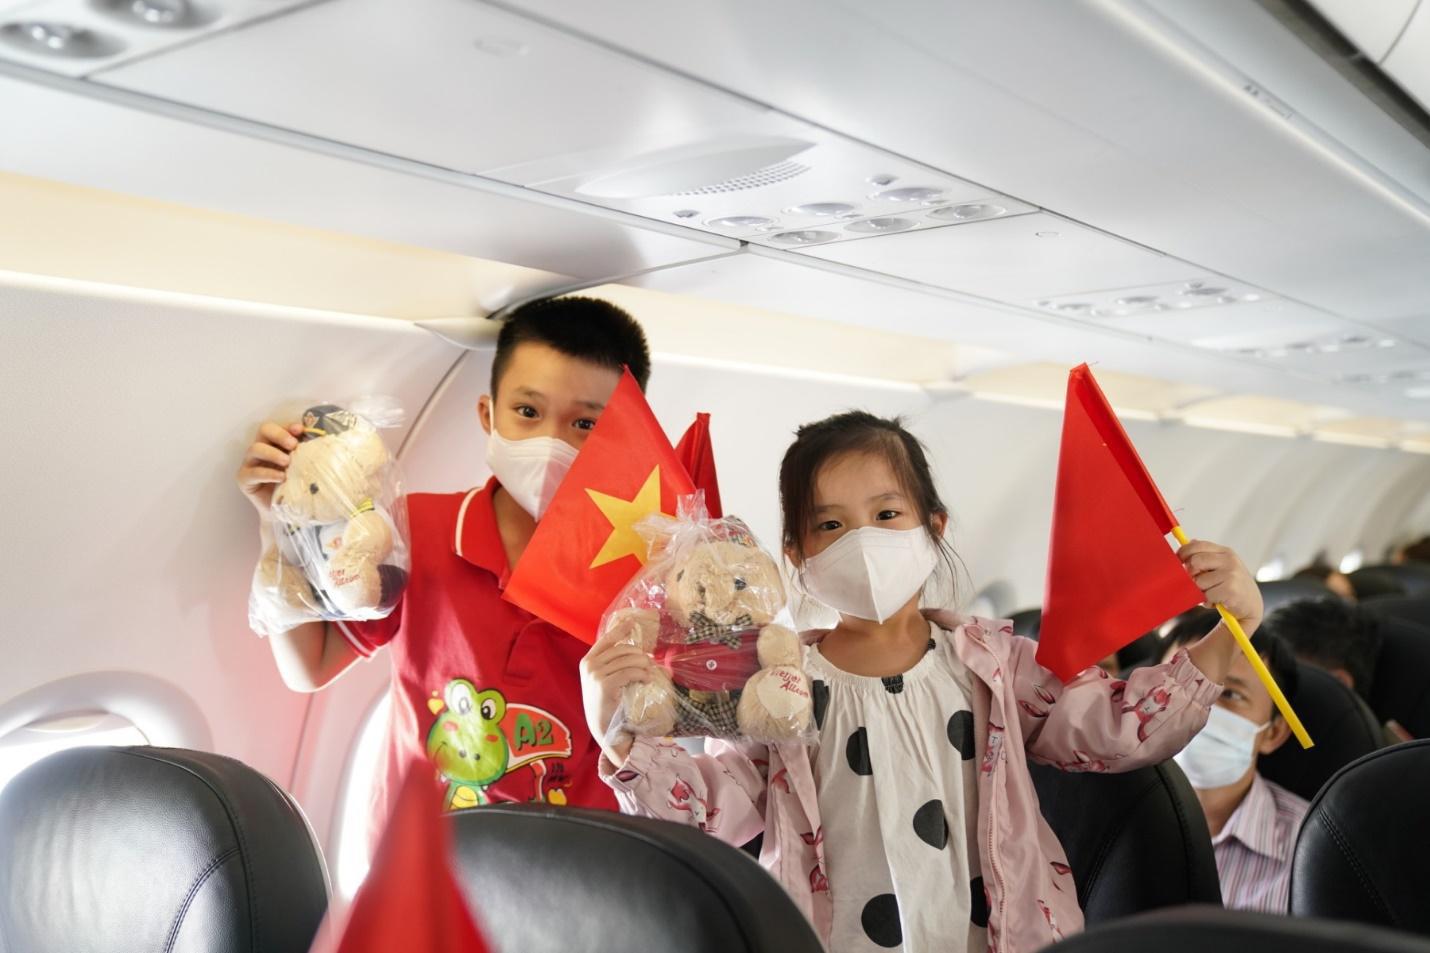 Hành trình đặc biệt mừng ngày Thống nhất đất nước 30/4 trên tàu bay Vietjet - Ảnh 4.